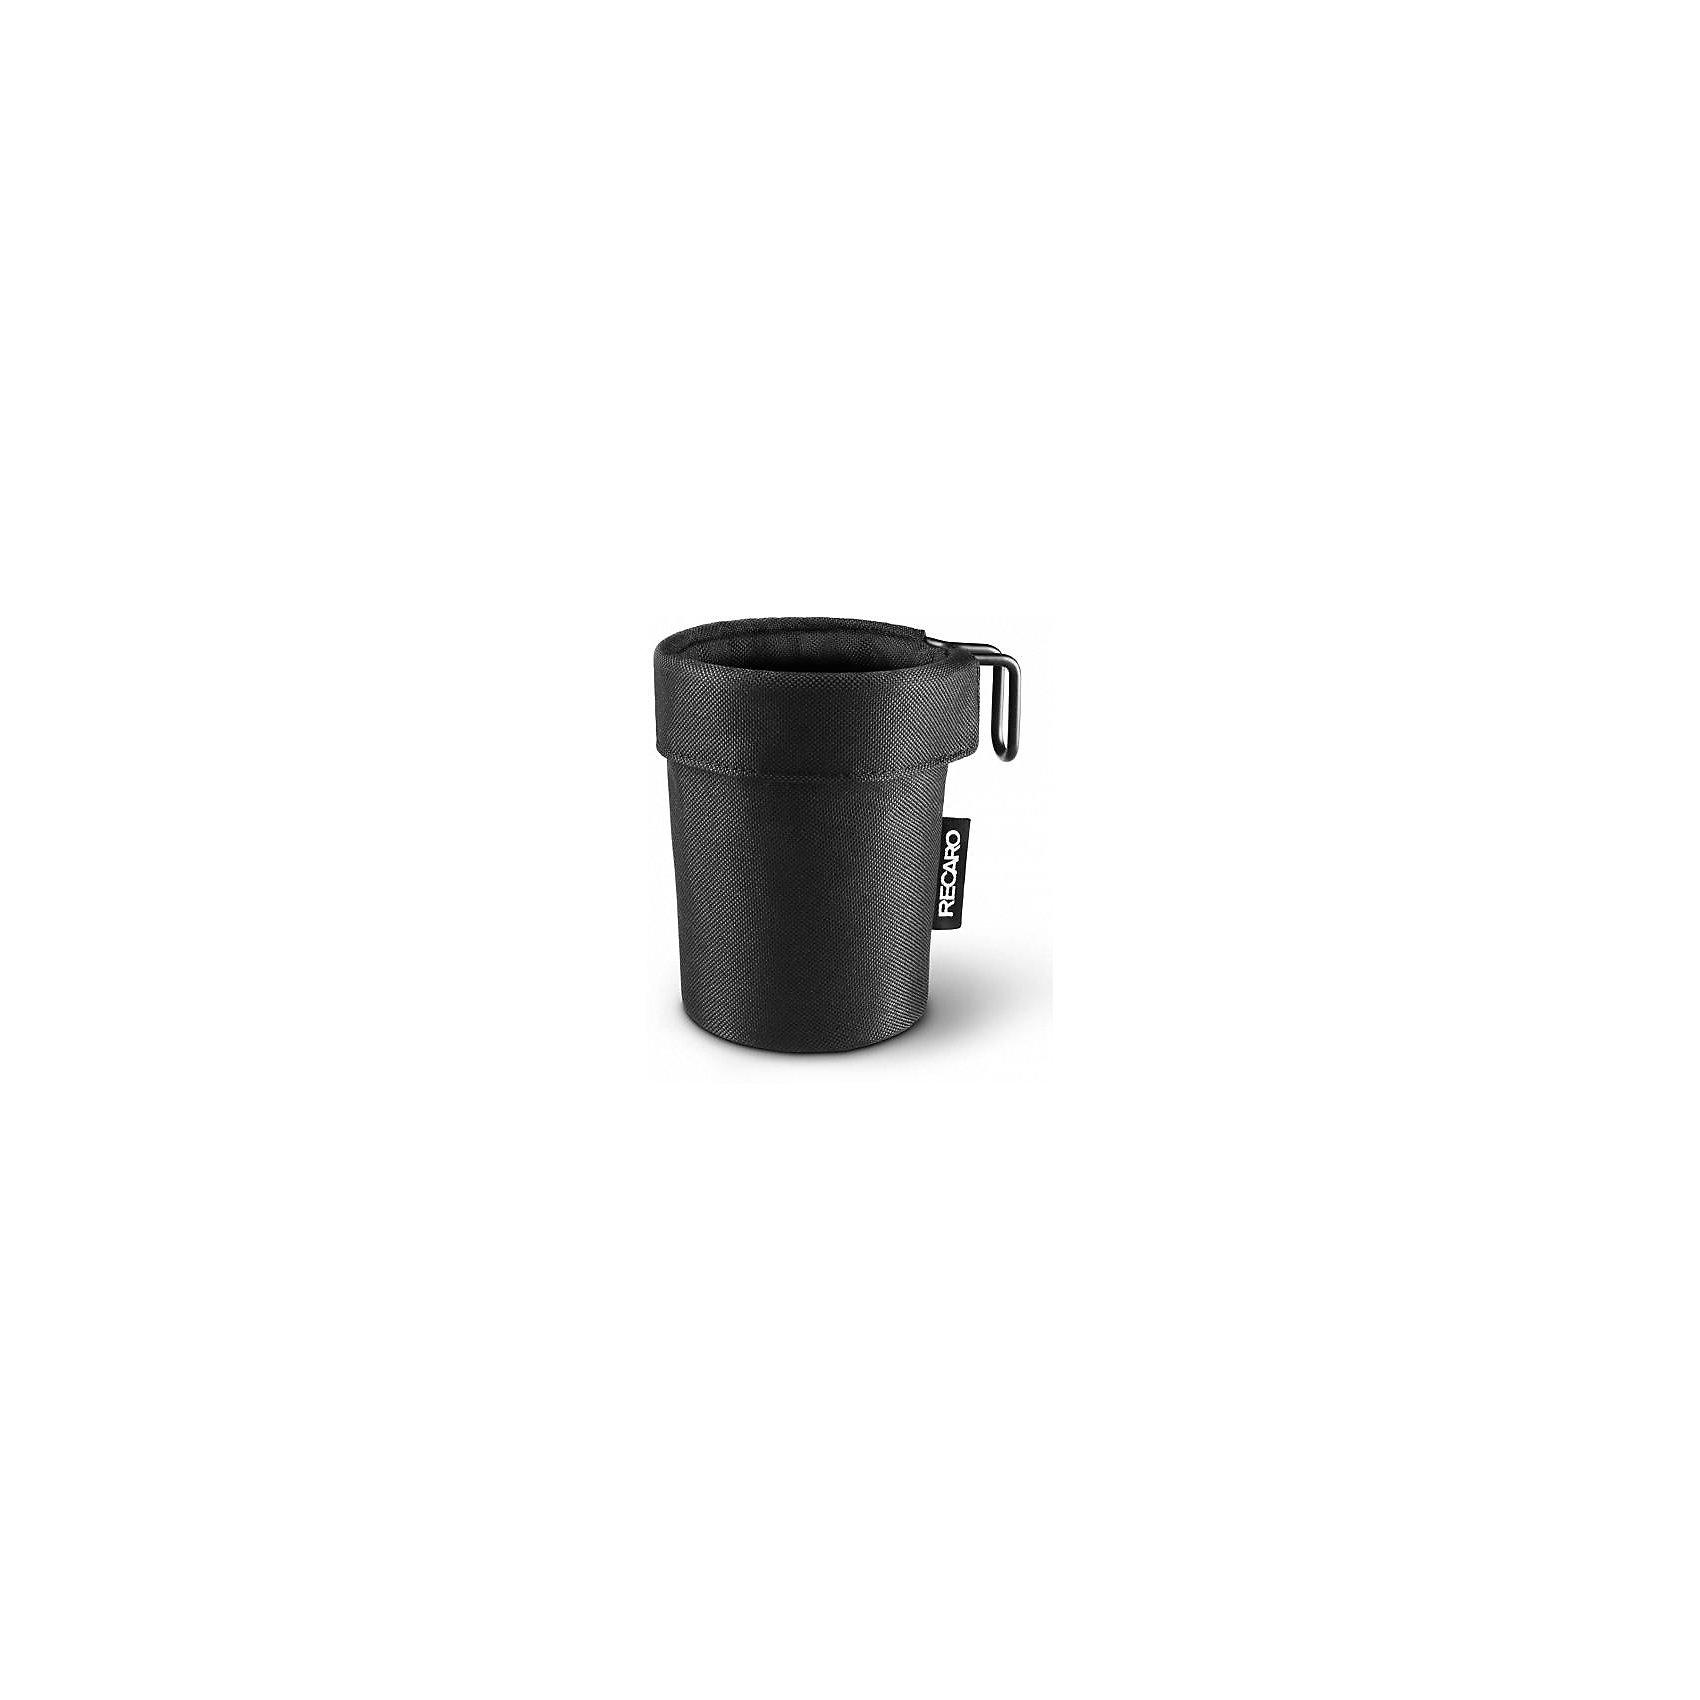 Держатель для бутылочки Easylife, RecaroАксессуары для колясок<br>Пластиковый подстаканник для бутылочки или термоса крепится на раму коляски Easylife с помощью специального держателя-клипсы. Держатель для бутылочки обеспечивает быстрый доступ к емкости с напитками. <br><br>Держатель для бутылочки Easylife, Recaro можно купить в нашем интернет-магазине.<br><br>Ширина мм: 40<br>Глубина мм: 20<br>Высота мм: 10<br>Вес г: 200<br>Возраст от месяцев: 6<br>Возраст до месяцев: 432<br>Пол: Унисекс<br>Возраст: Детский<br>SKU: 5464668